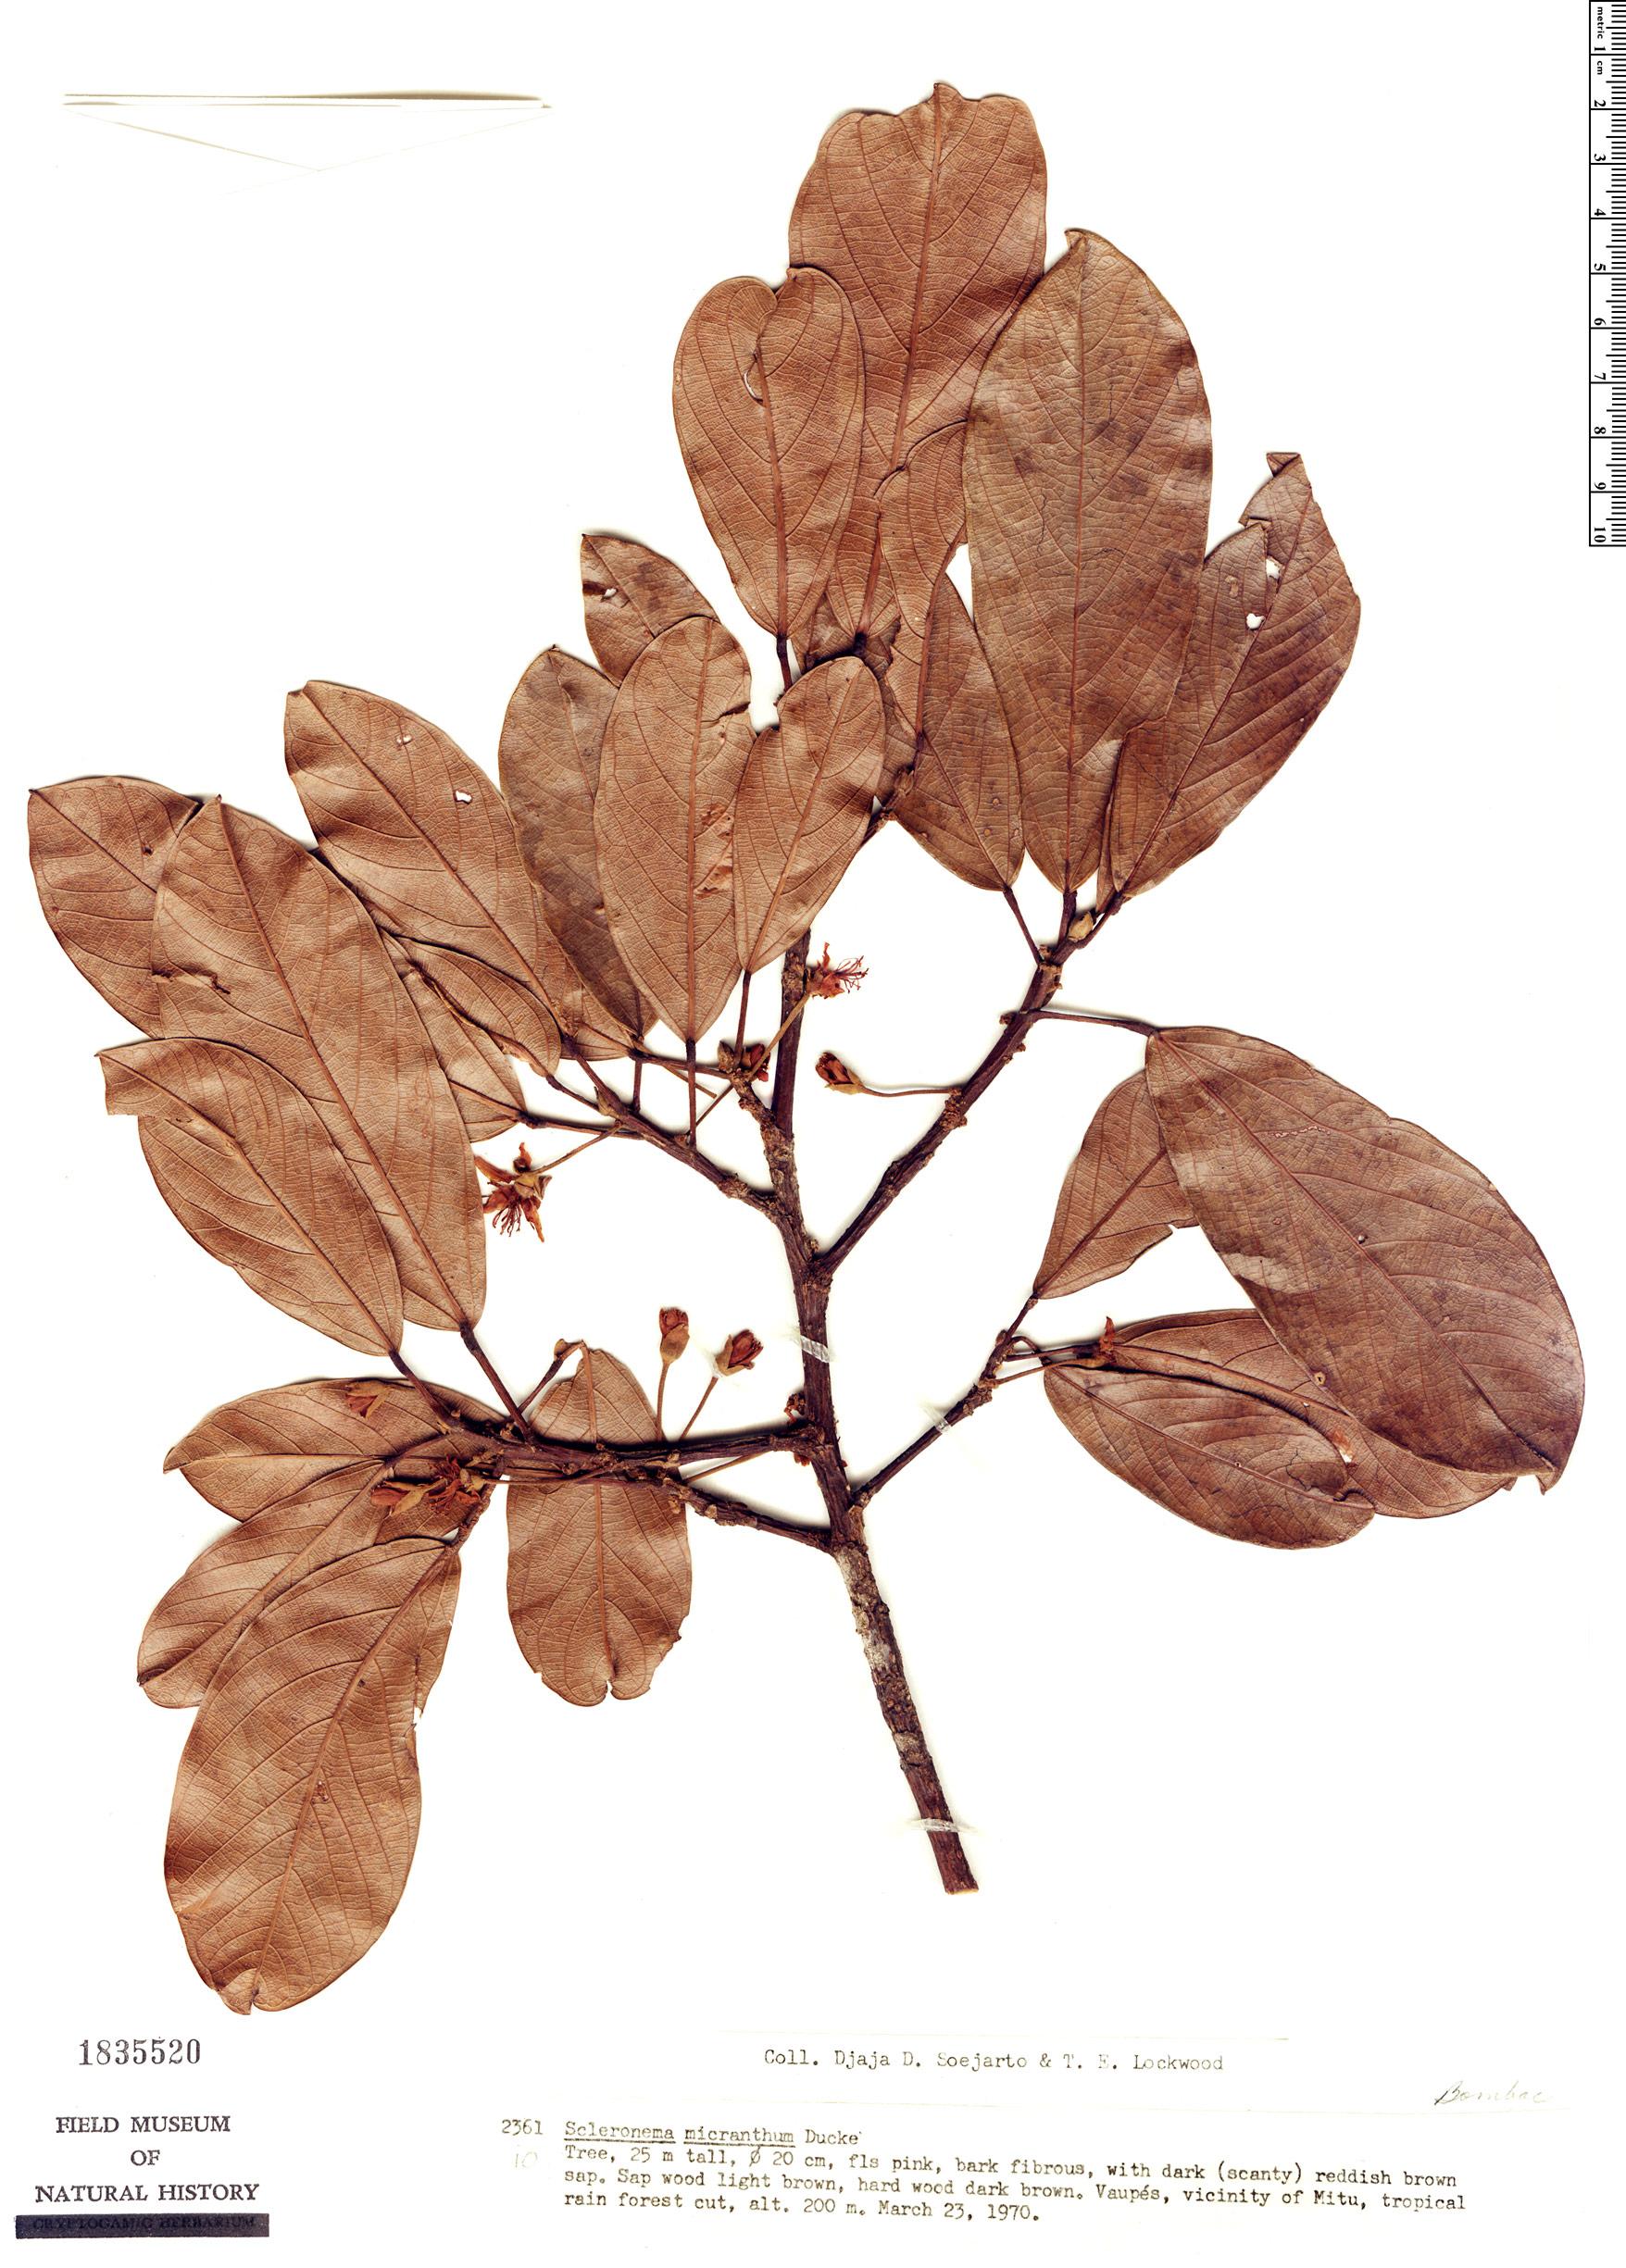 Specimen: Scleronema micranthum